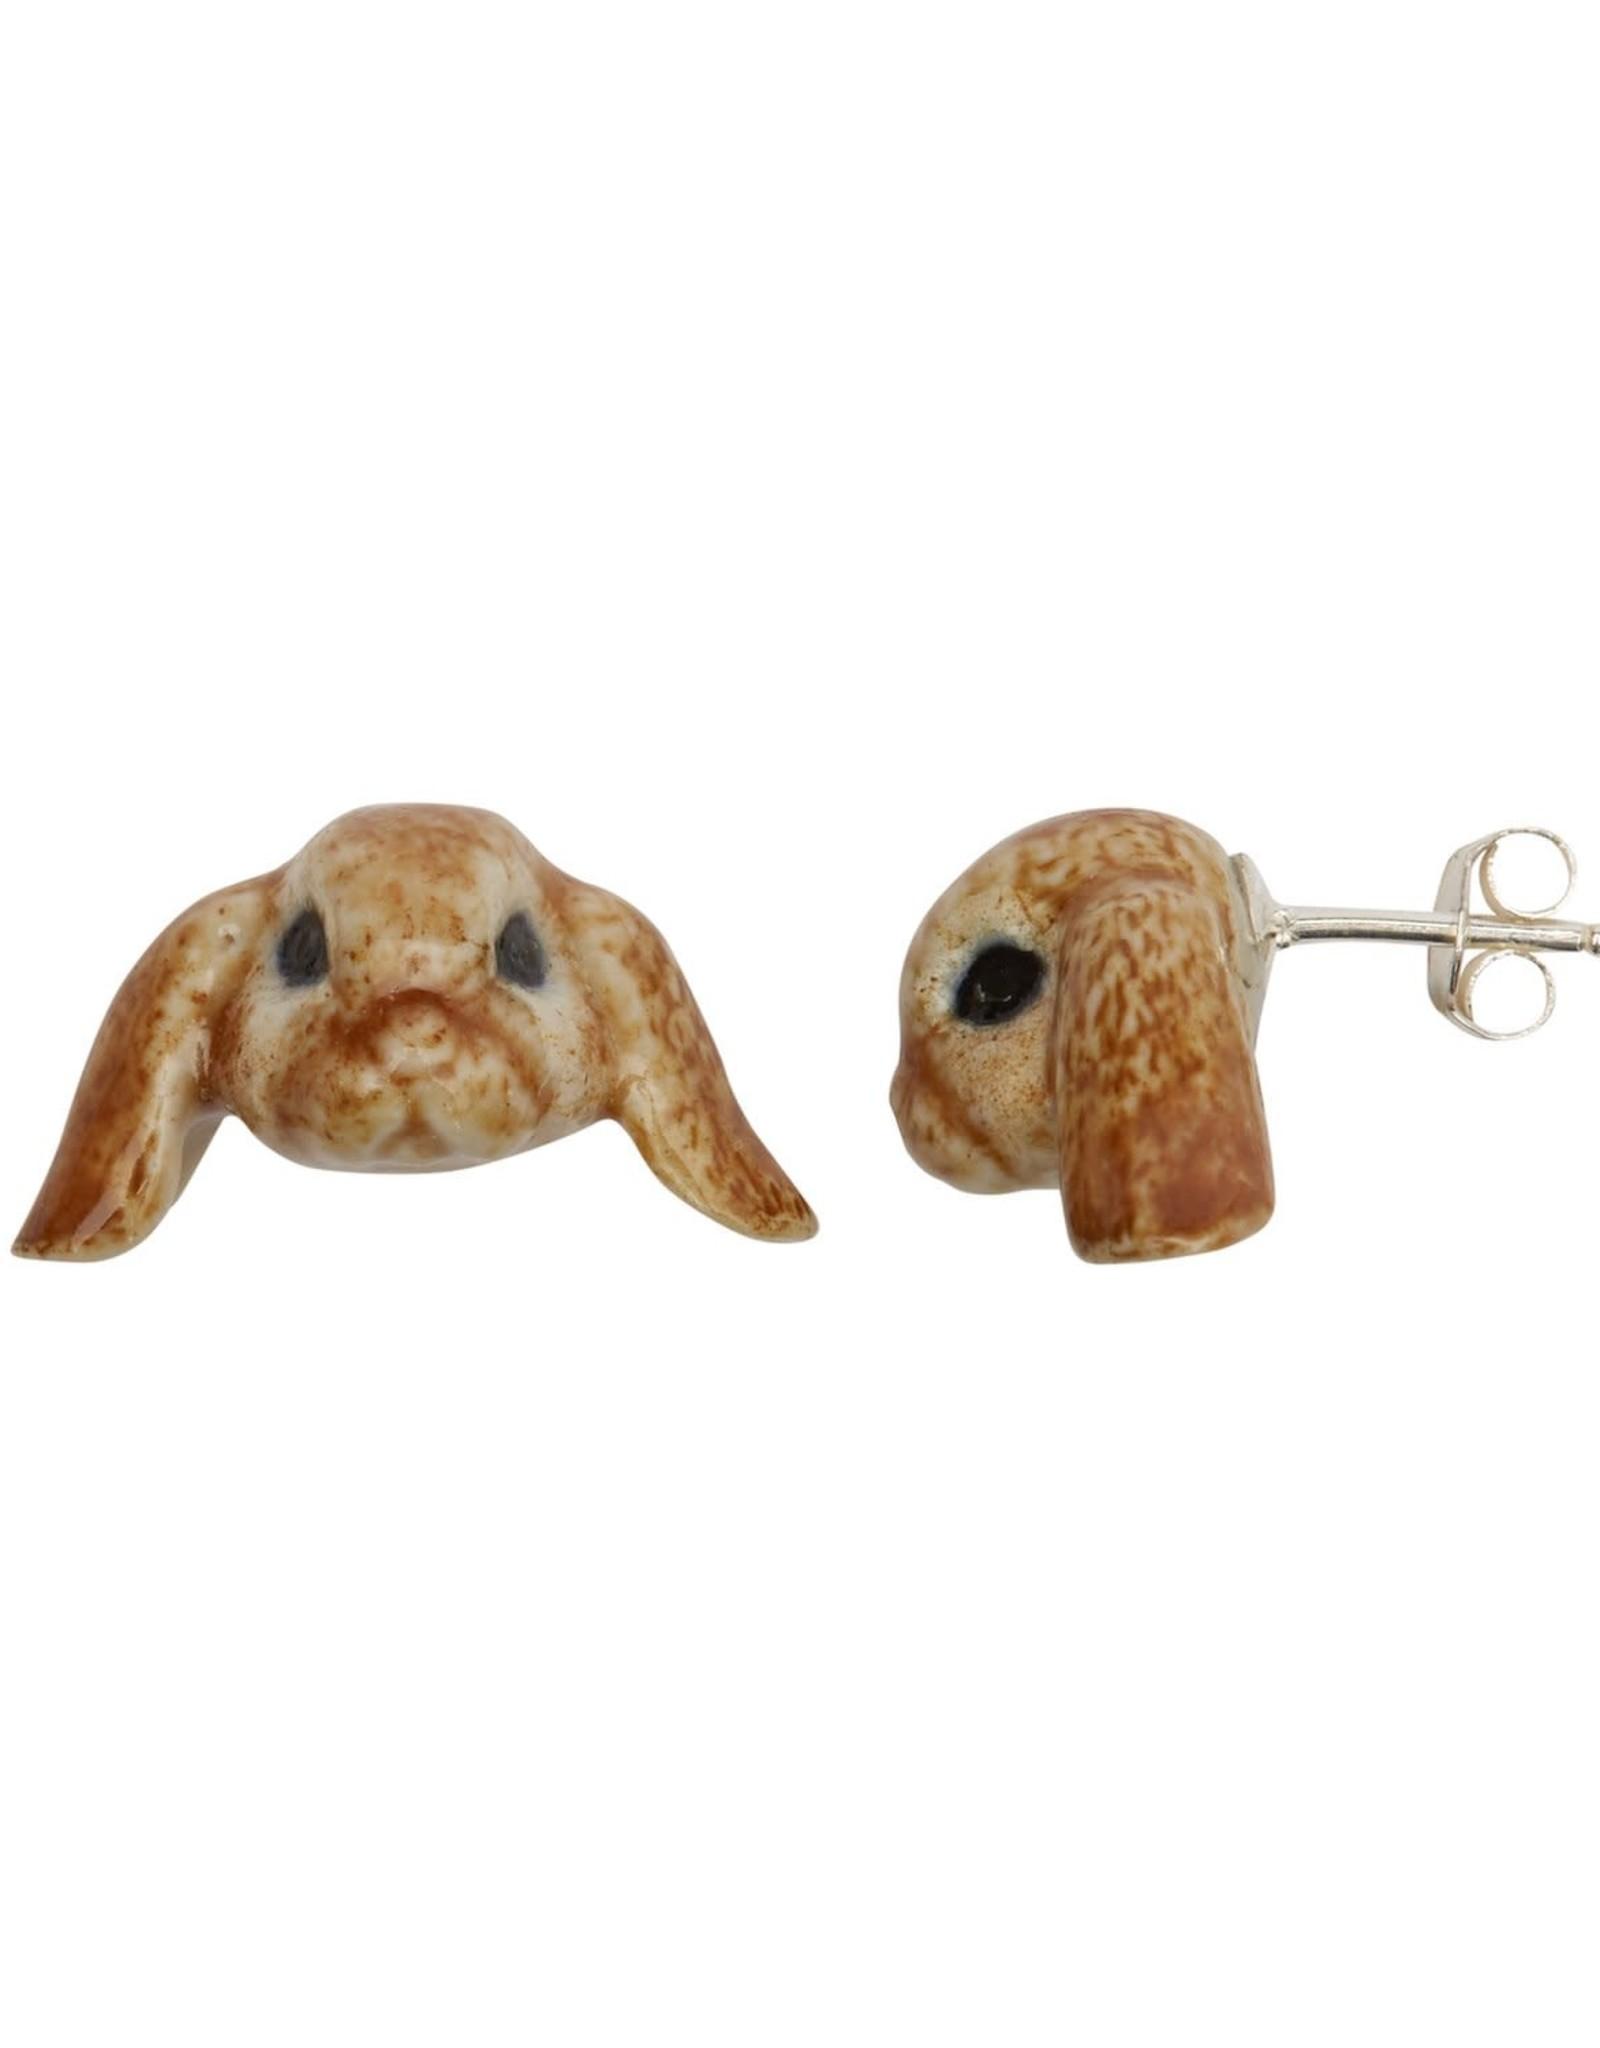 Floppy Ear Bunny Stud Earrings Sterling Silver